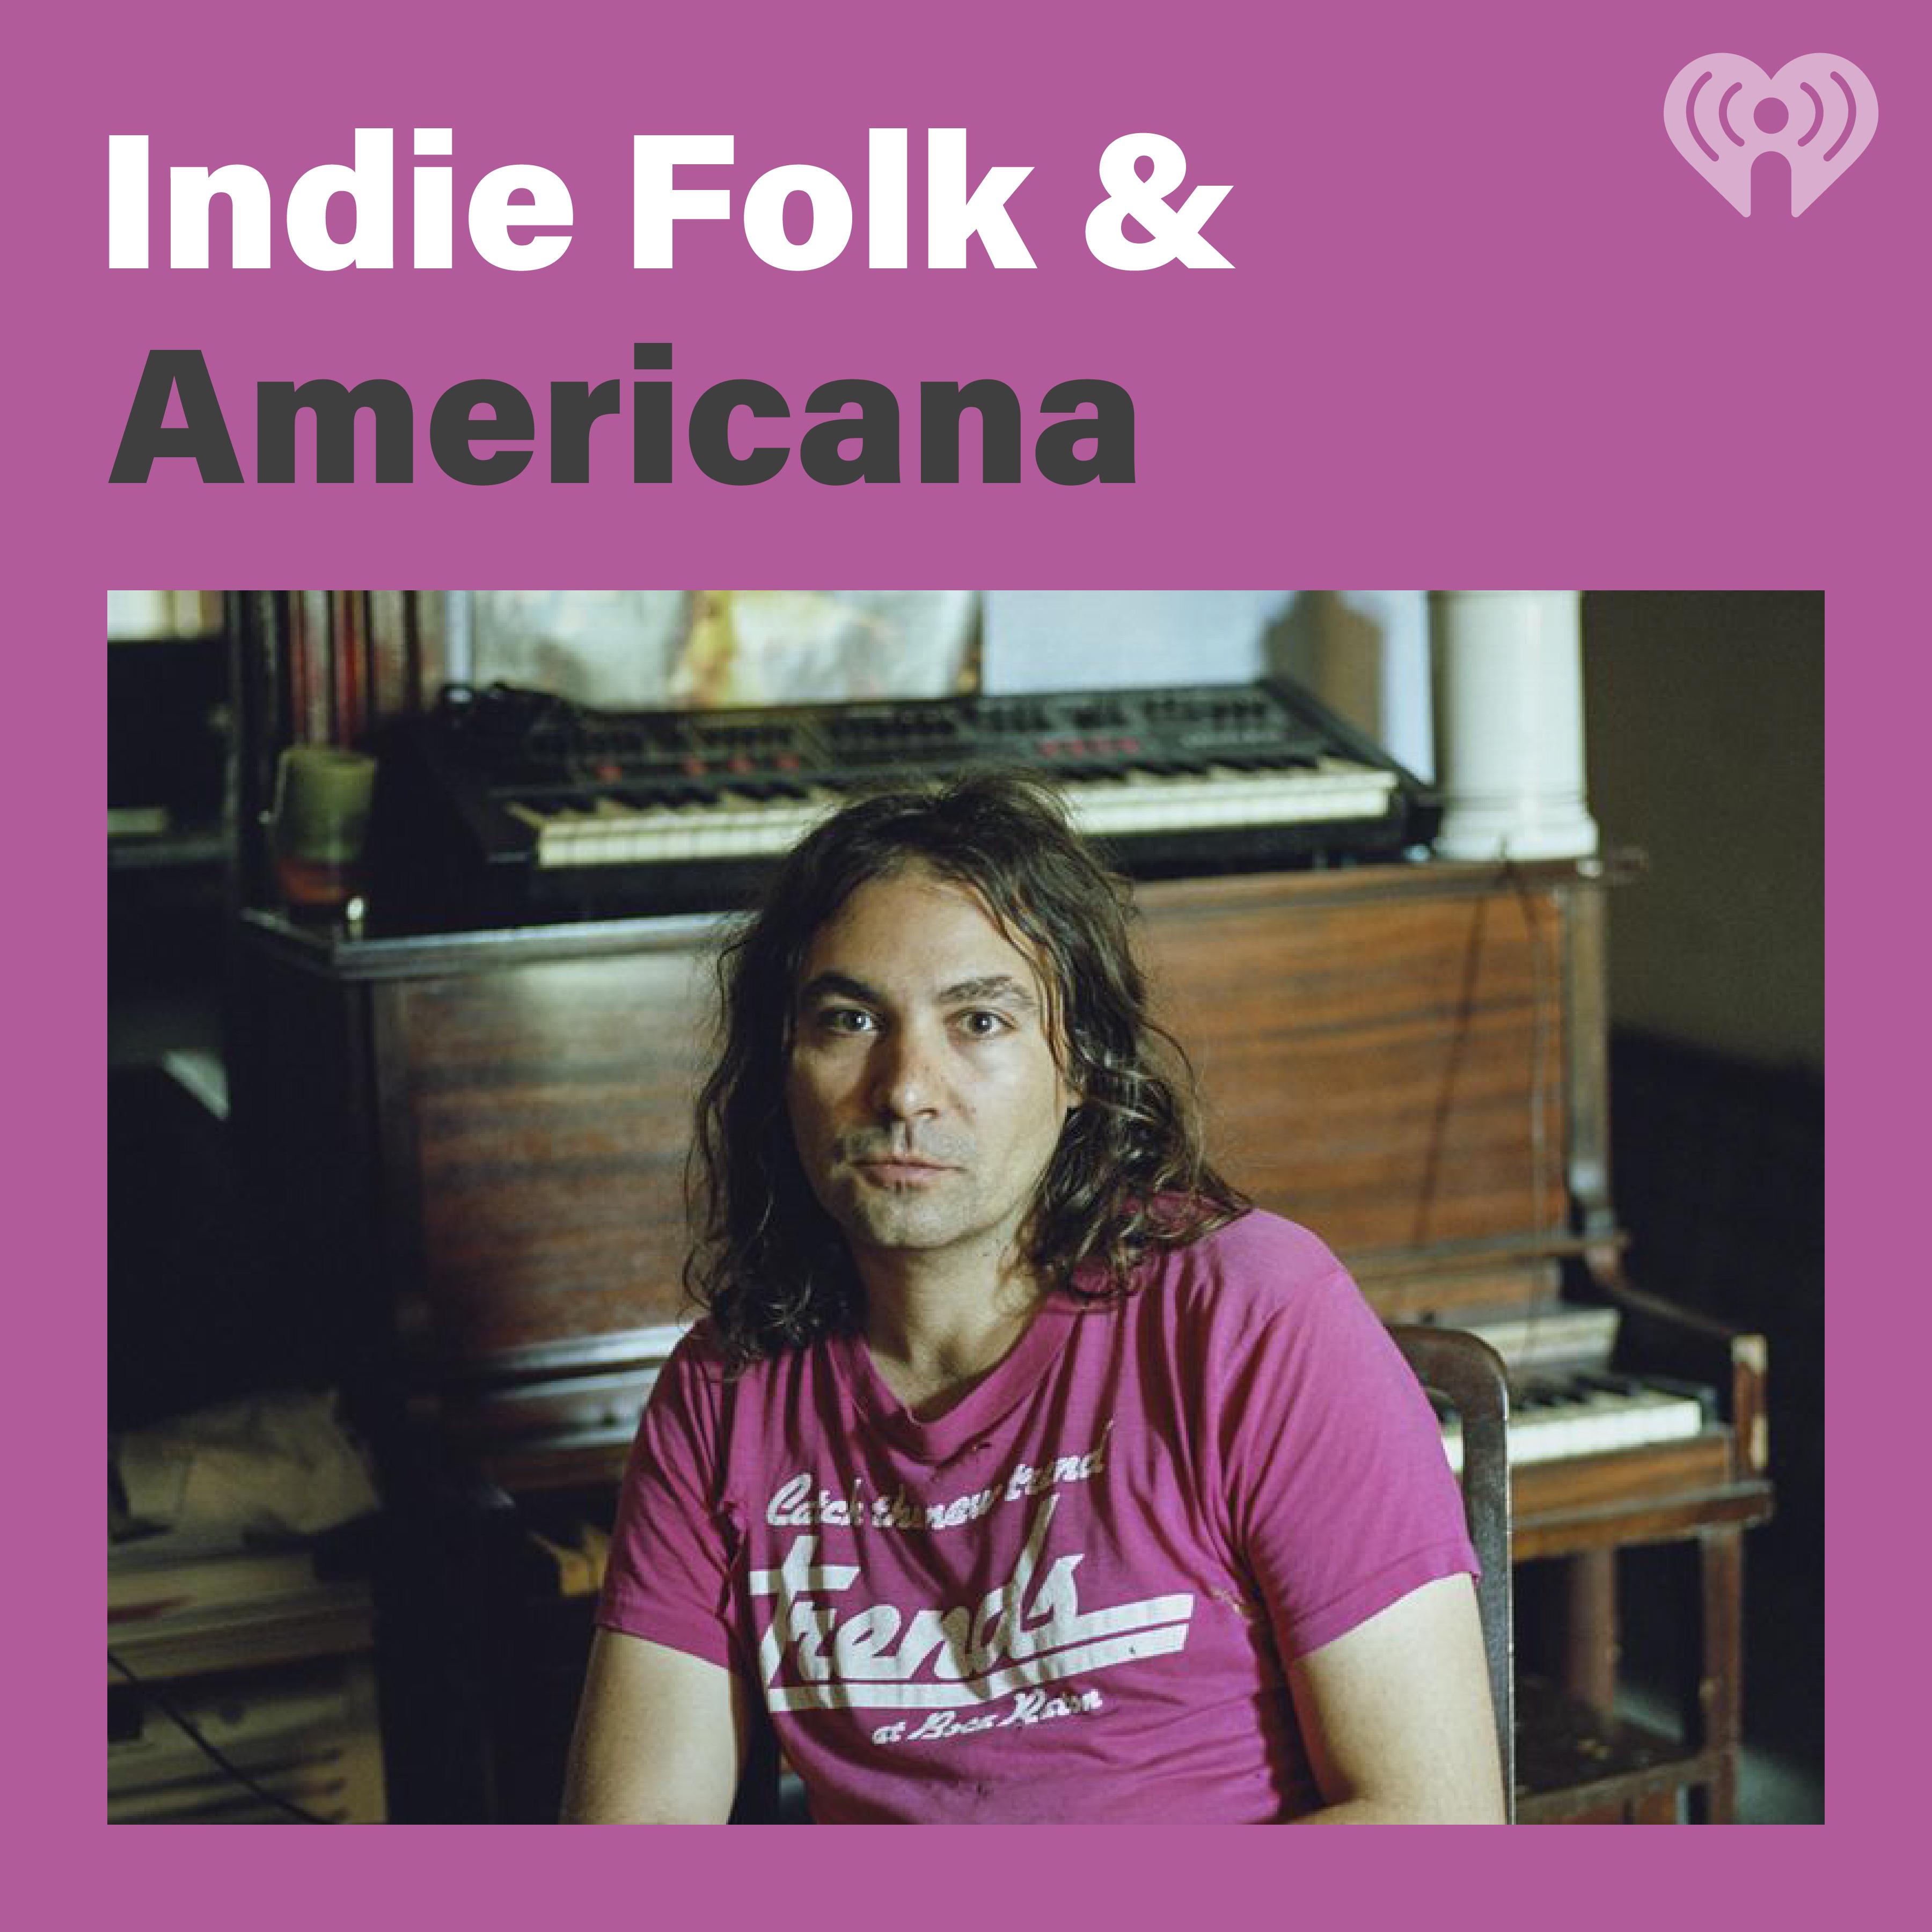 Indie Folk & Americana   iHeartRadio